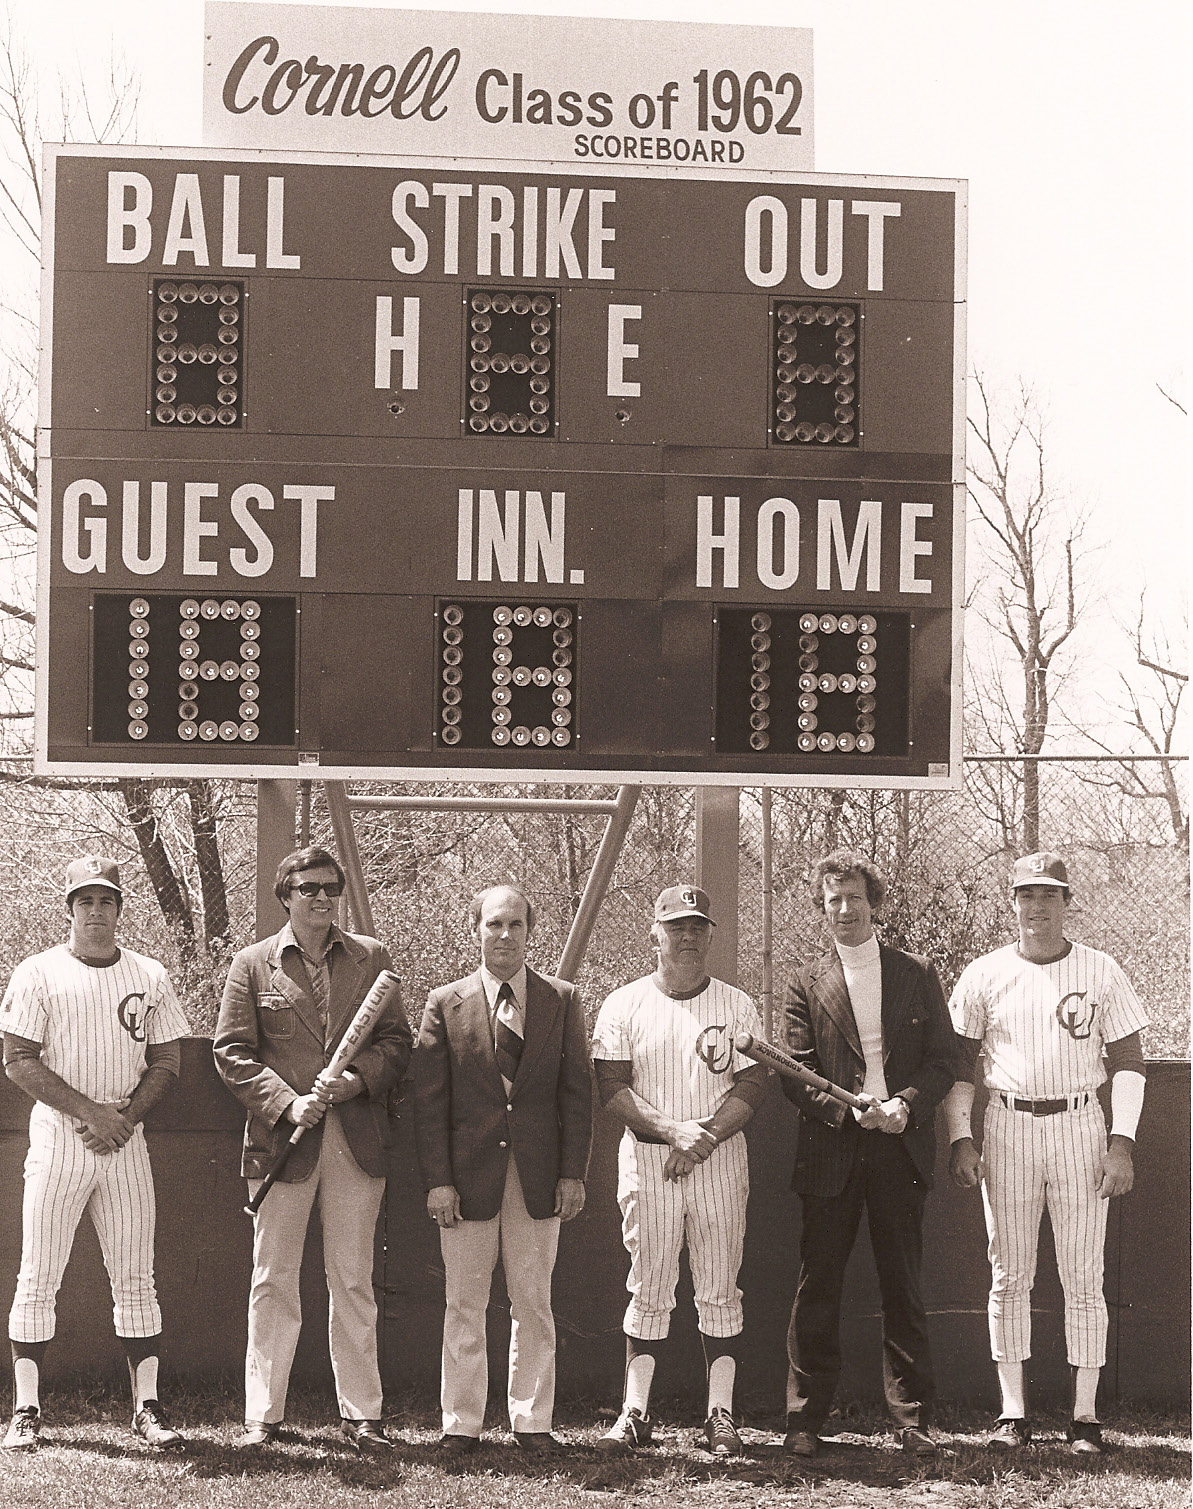 HOY FIELD SCOREBOARD dedication in 1979